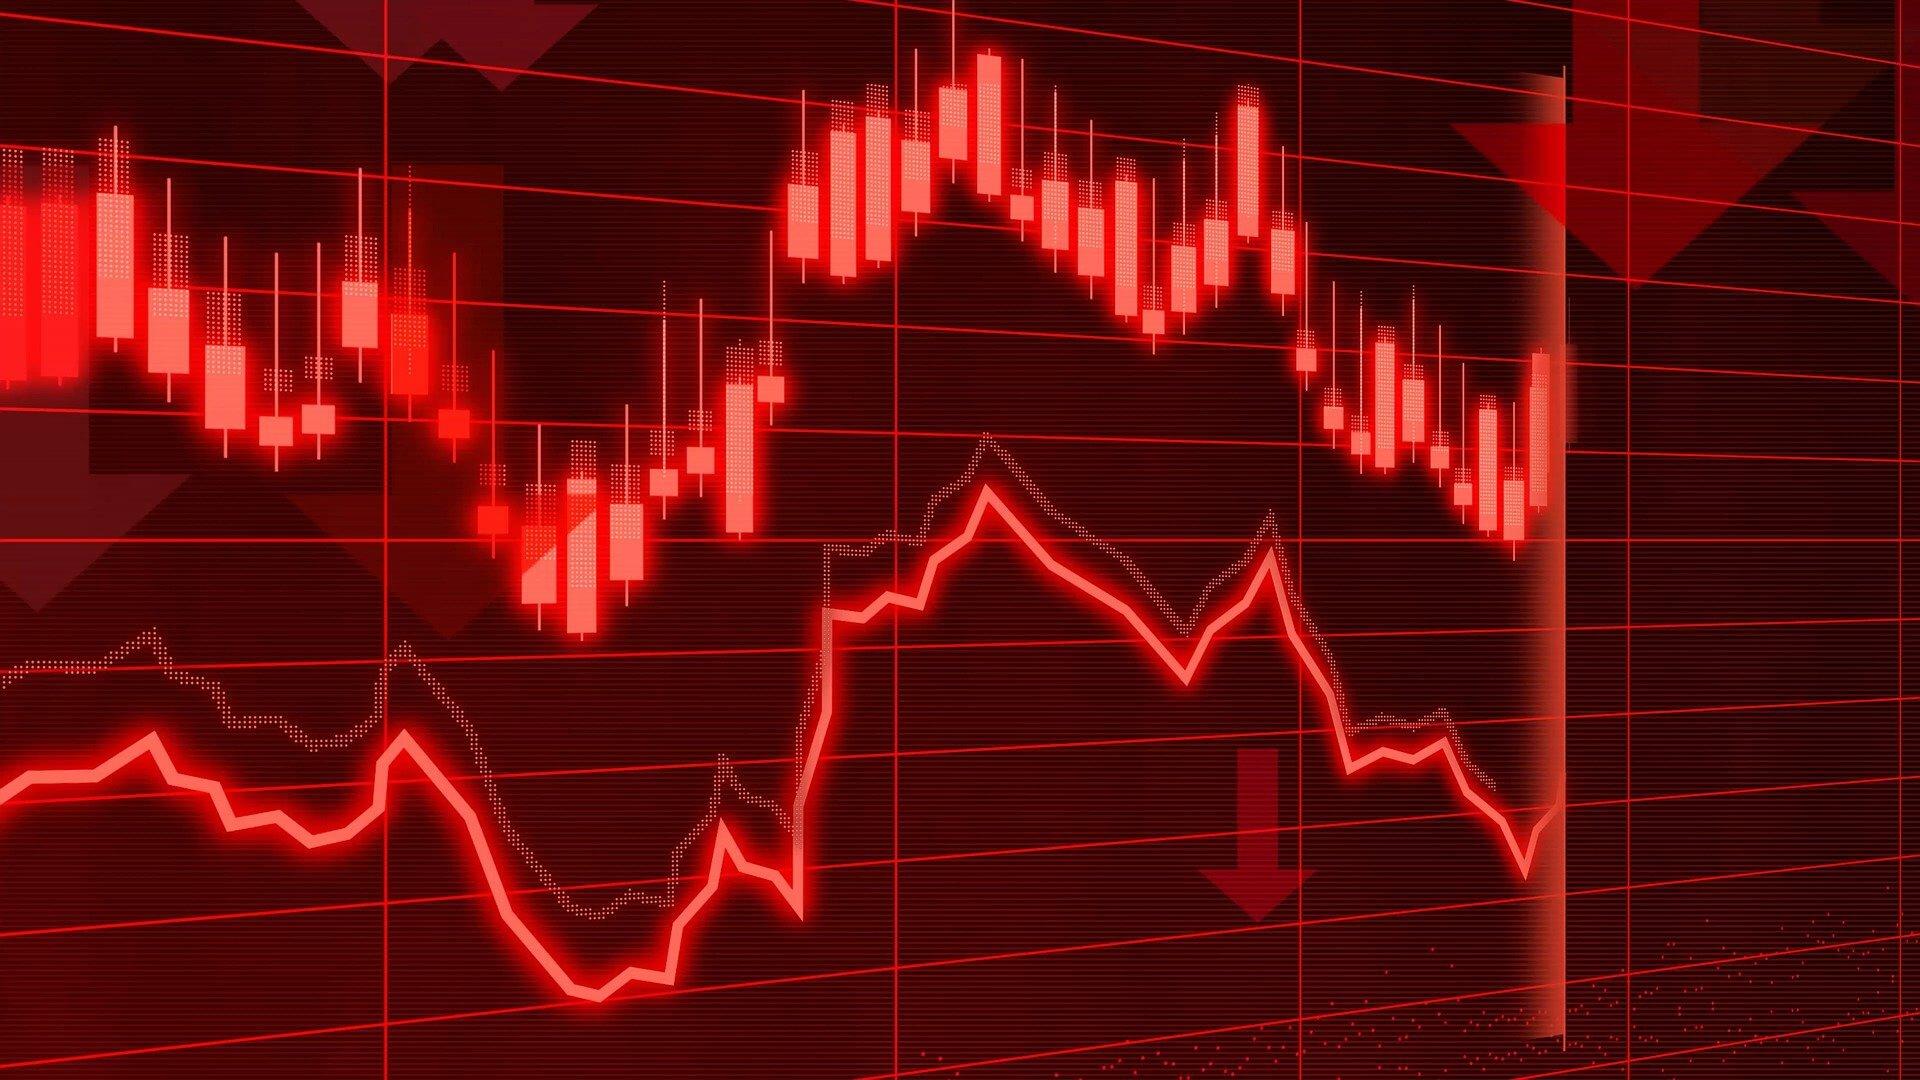 米国株下落。理由を総点検【4/21 今週の中間チェック】